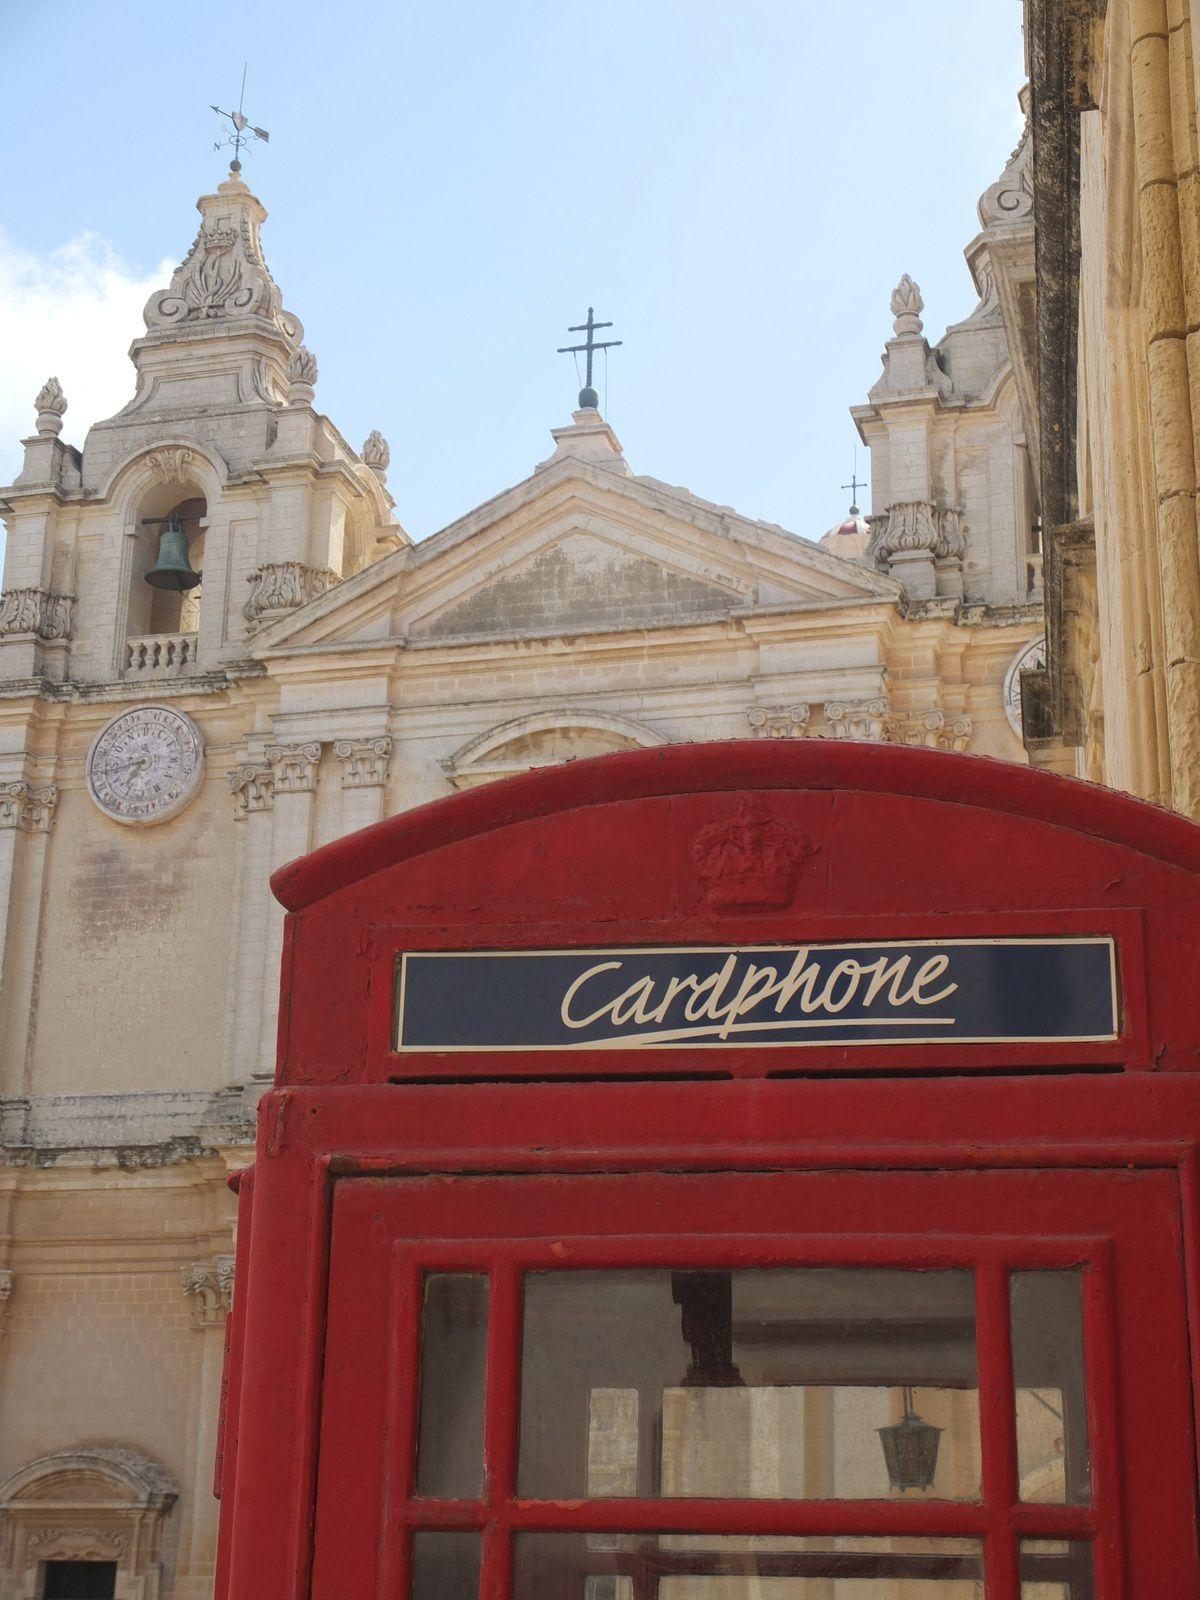 Magnifiques églises à La Valette, Victoria (Gozo) et Mdina. Et toujours la teinte ocre de la pierre calcaire. Art et déco baroques à l'intérieur.